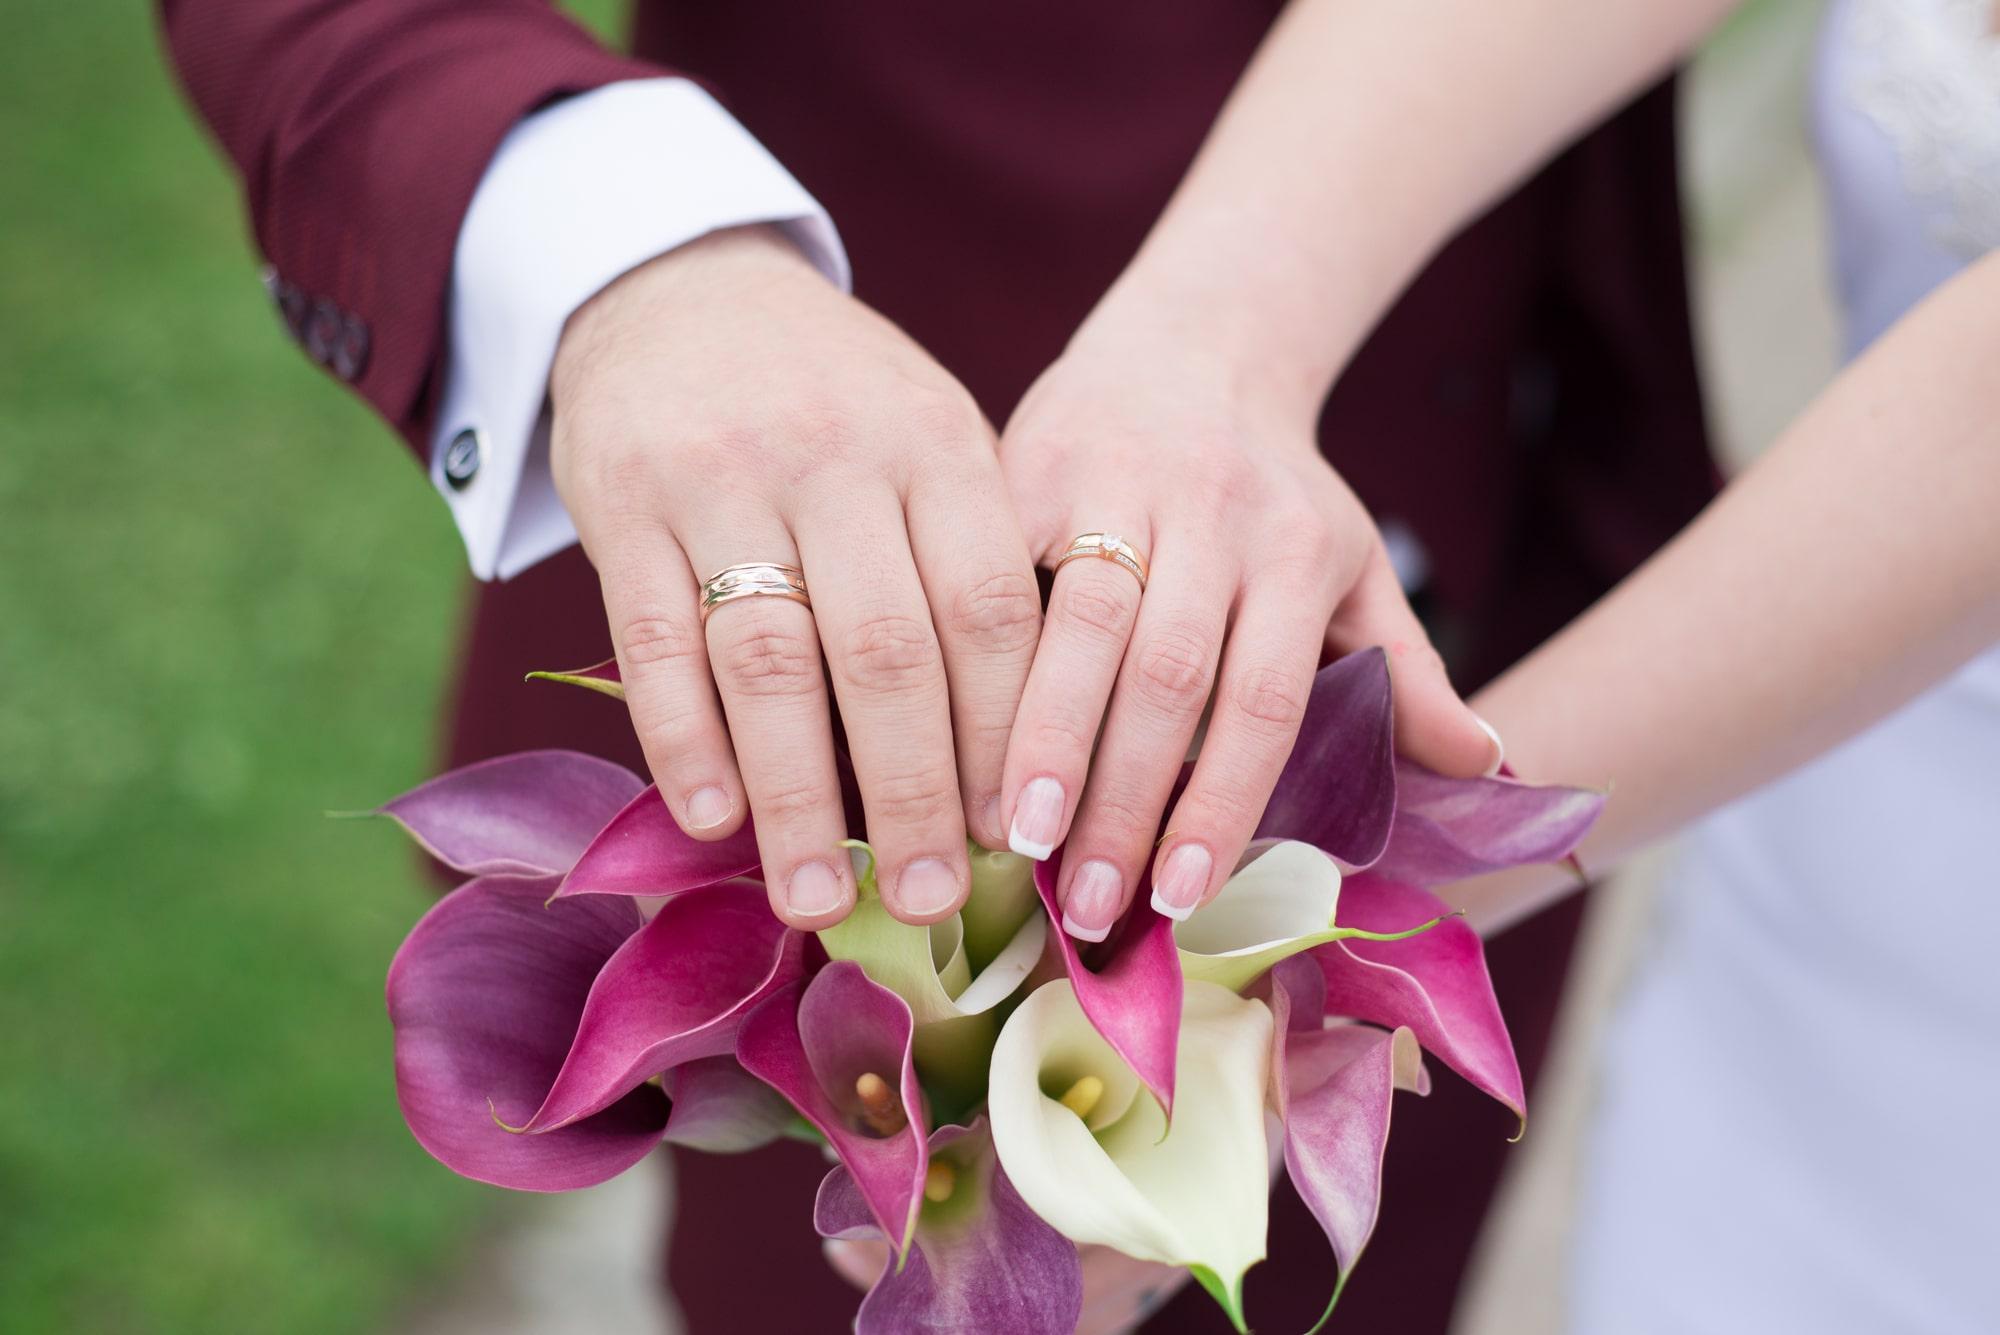 Свадебные кольца и букет - Фотограф Женя Лайт